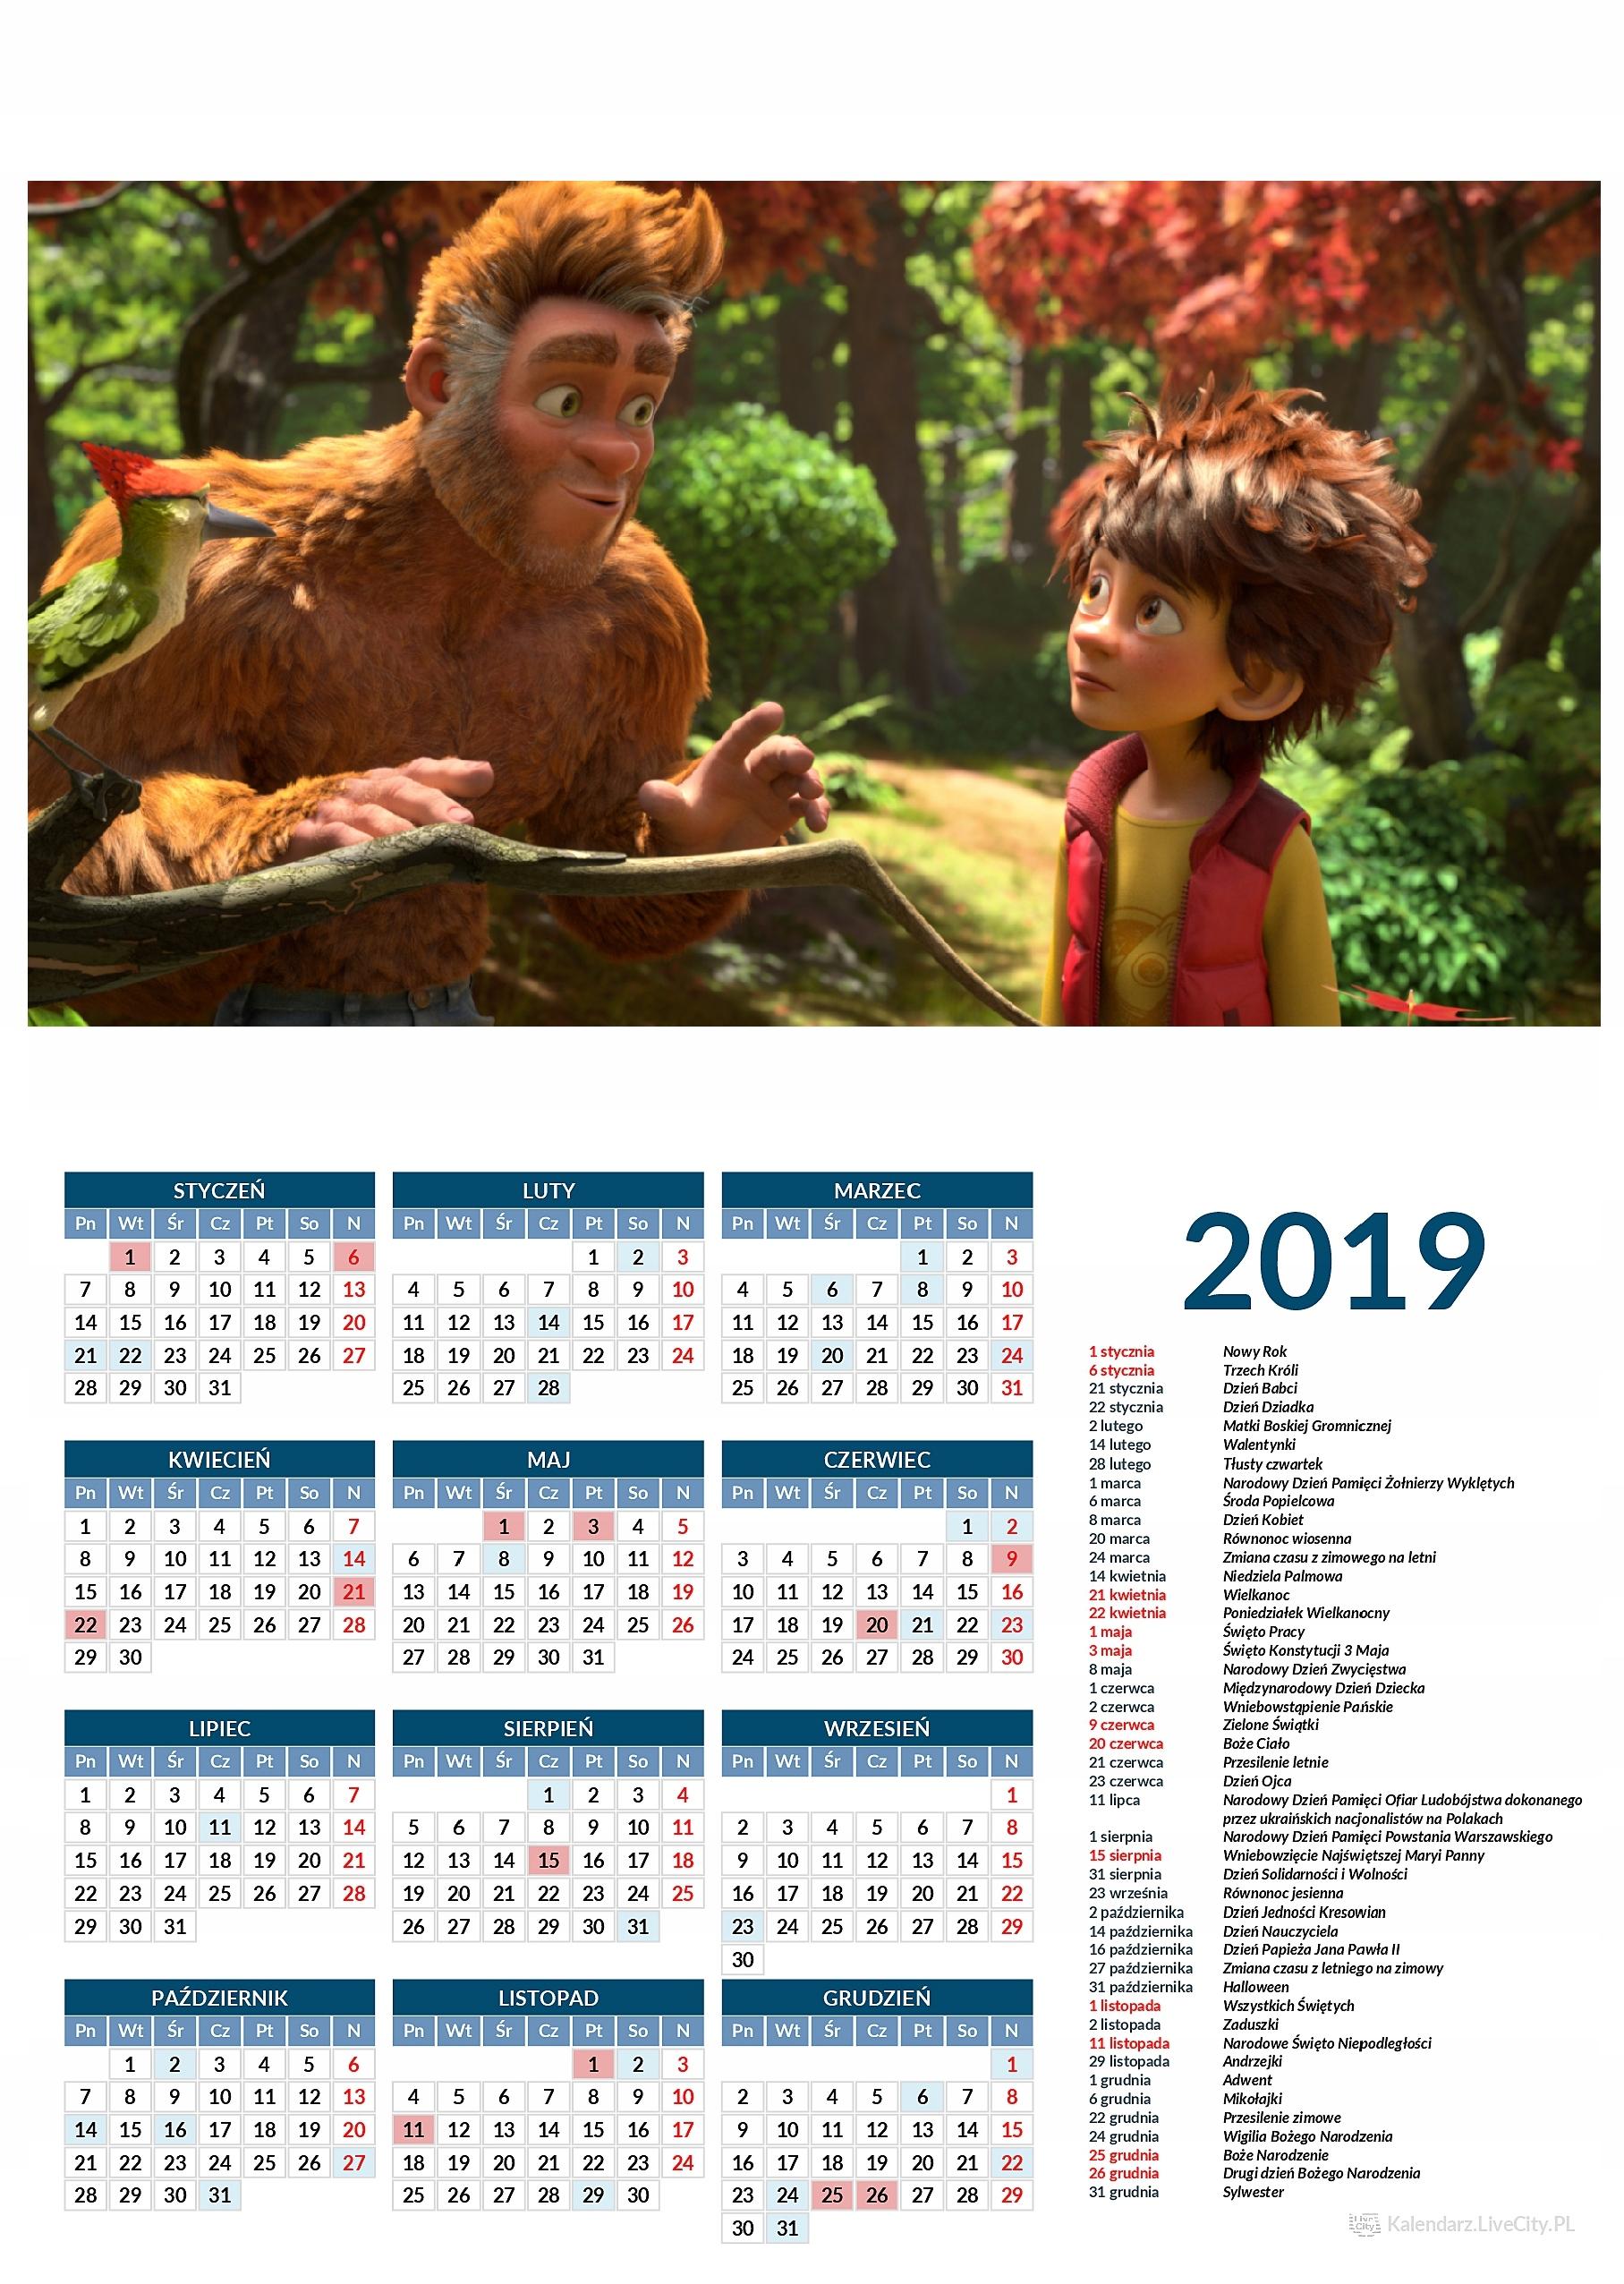 Kalendarz 2019 film mała wielka stopa